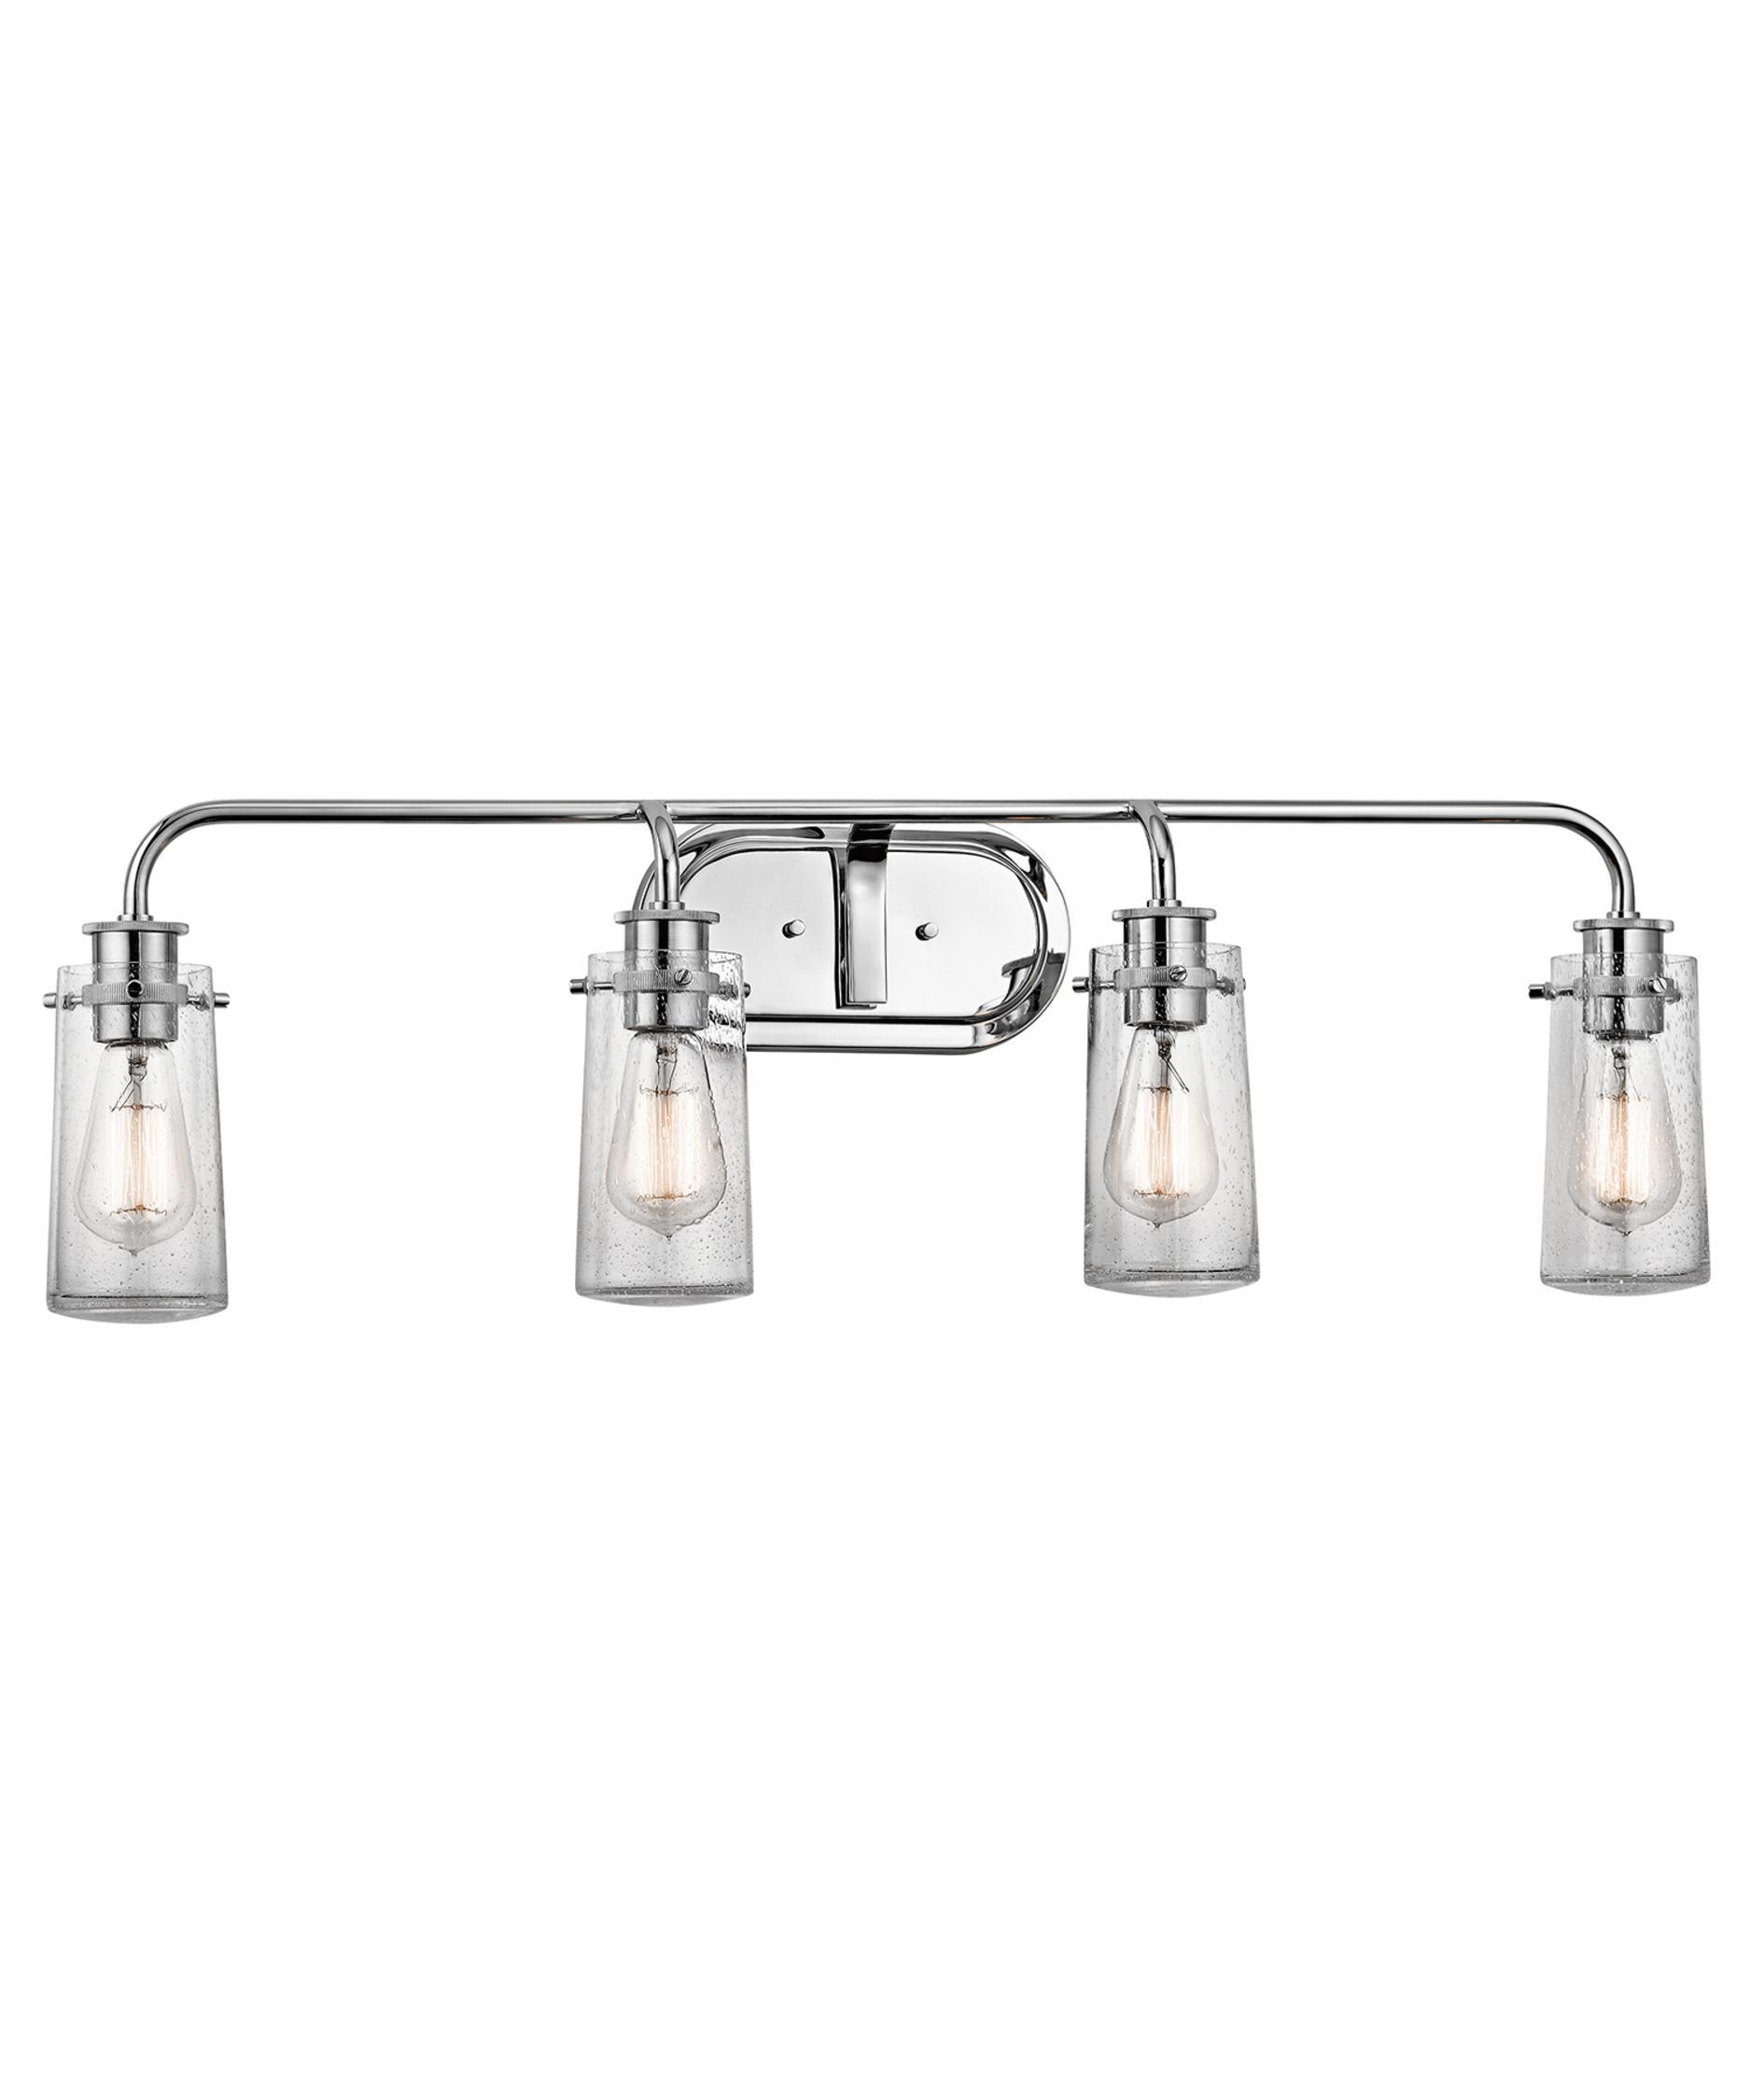 4 Light Bathroom Vanity Fixture